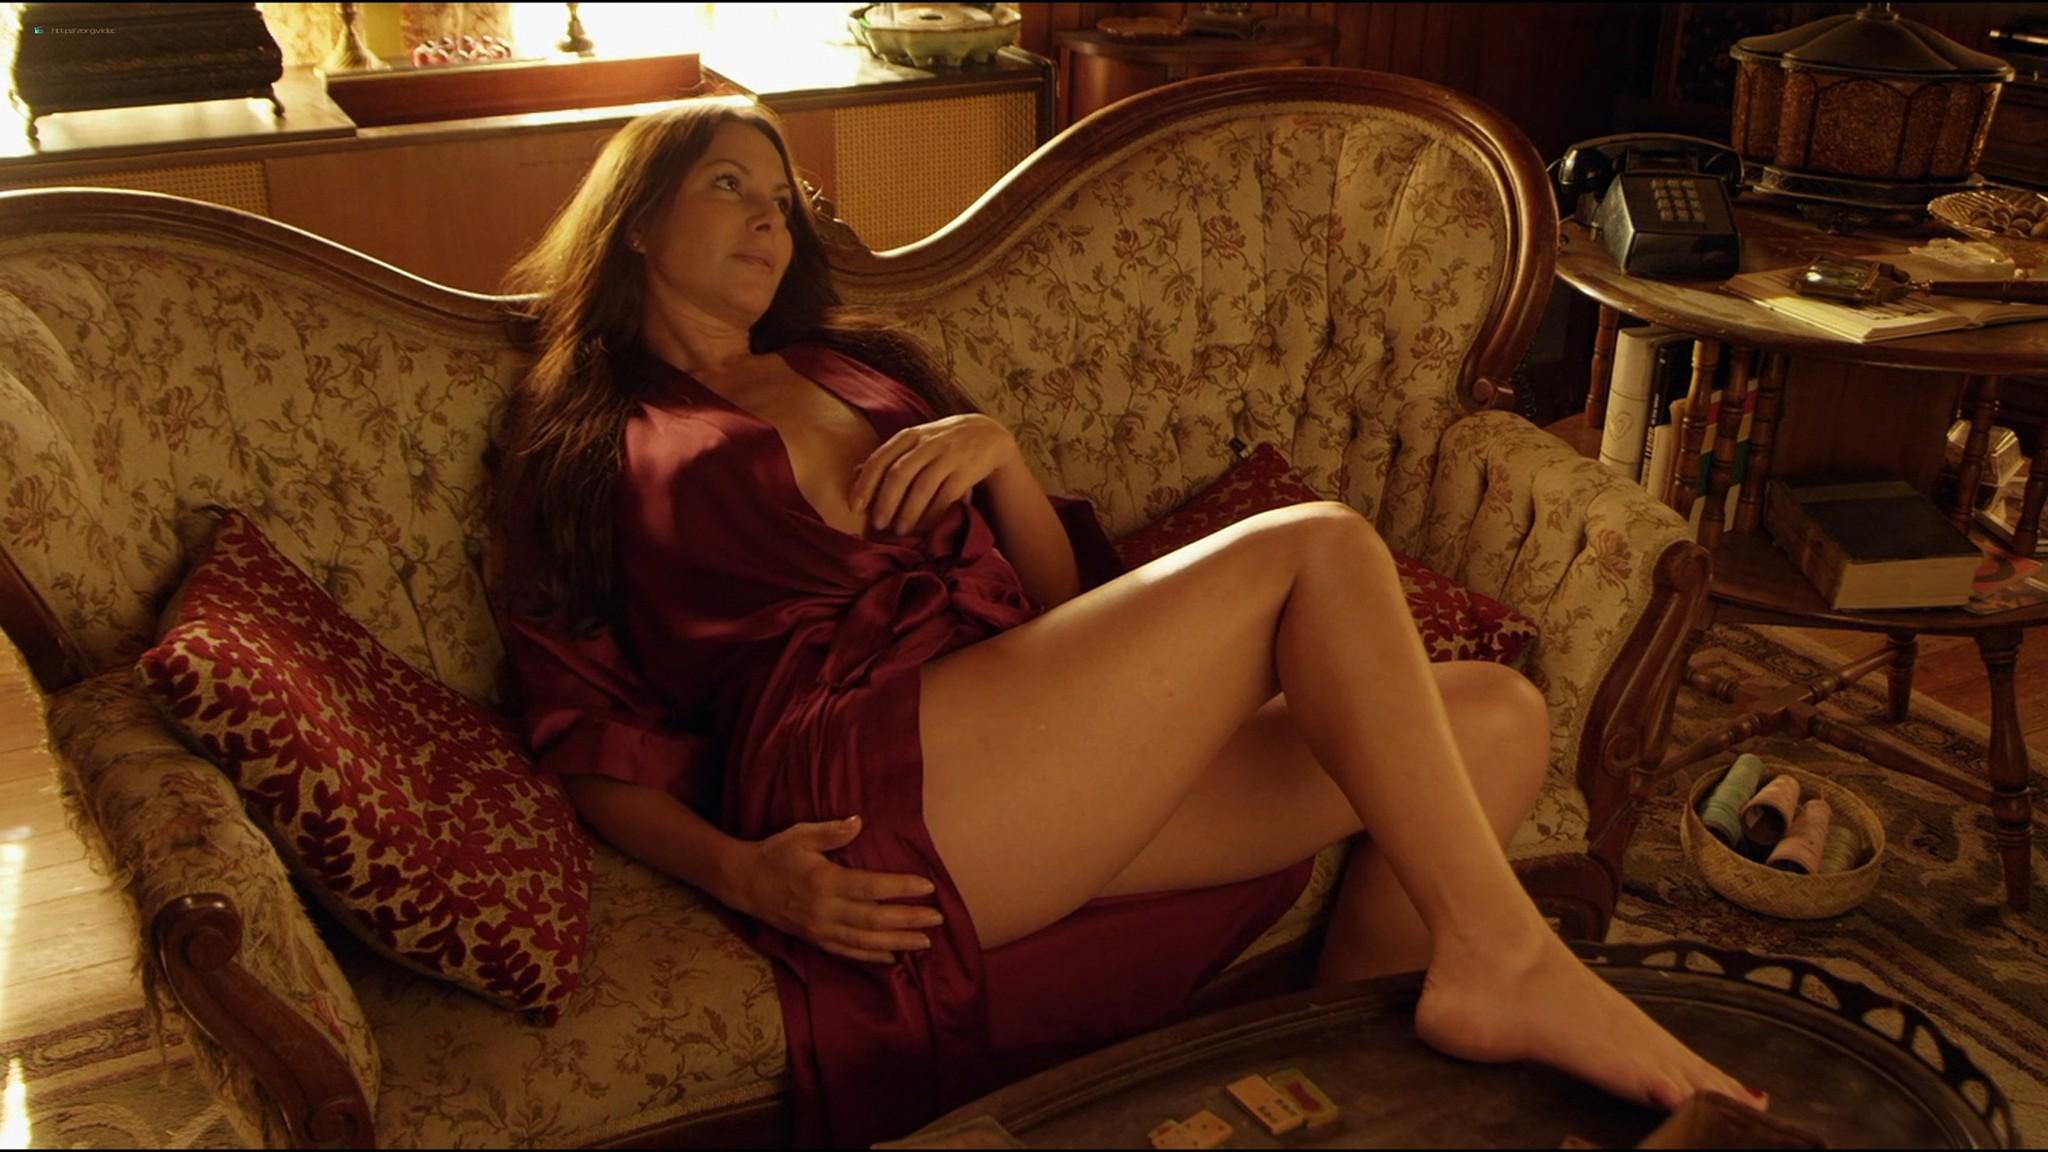 Kari Wuhrer nude Mia Serafino, Mary Anthony sexy - Secrets of a Psychopath (2013) HD 1080p Web (9)